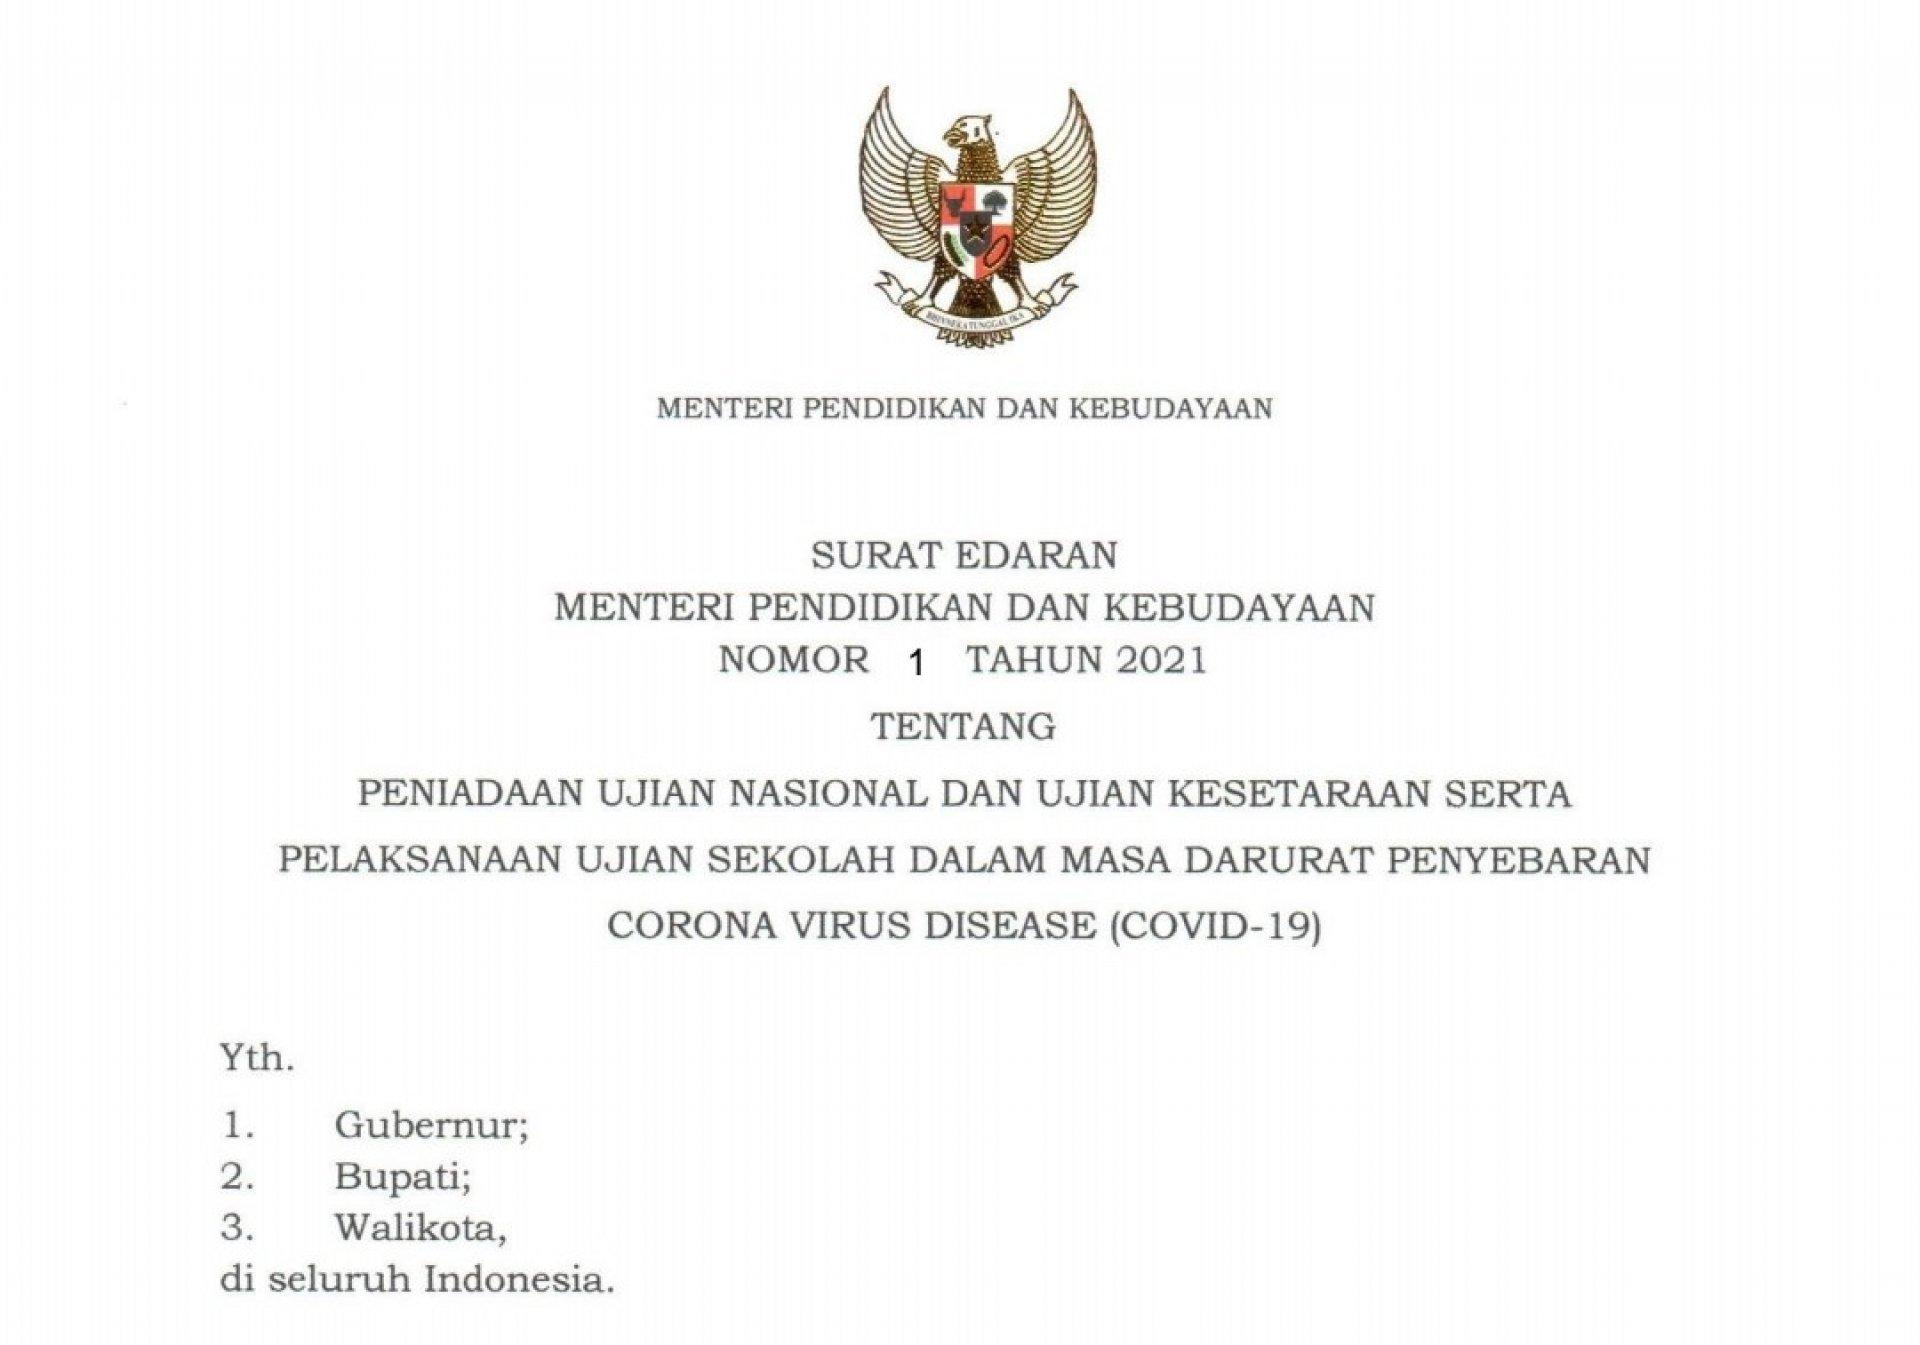 Surat Edaran Mendikbud Nomor 1 Tahun 2021 Tentang Peniadaan UN dan Ujian Kesetaraan